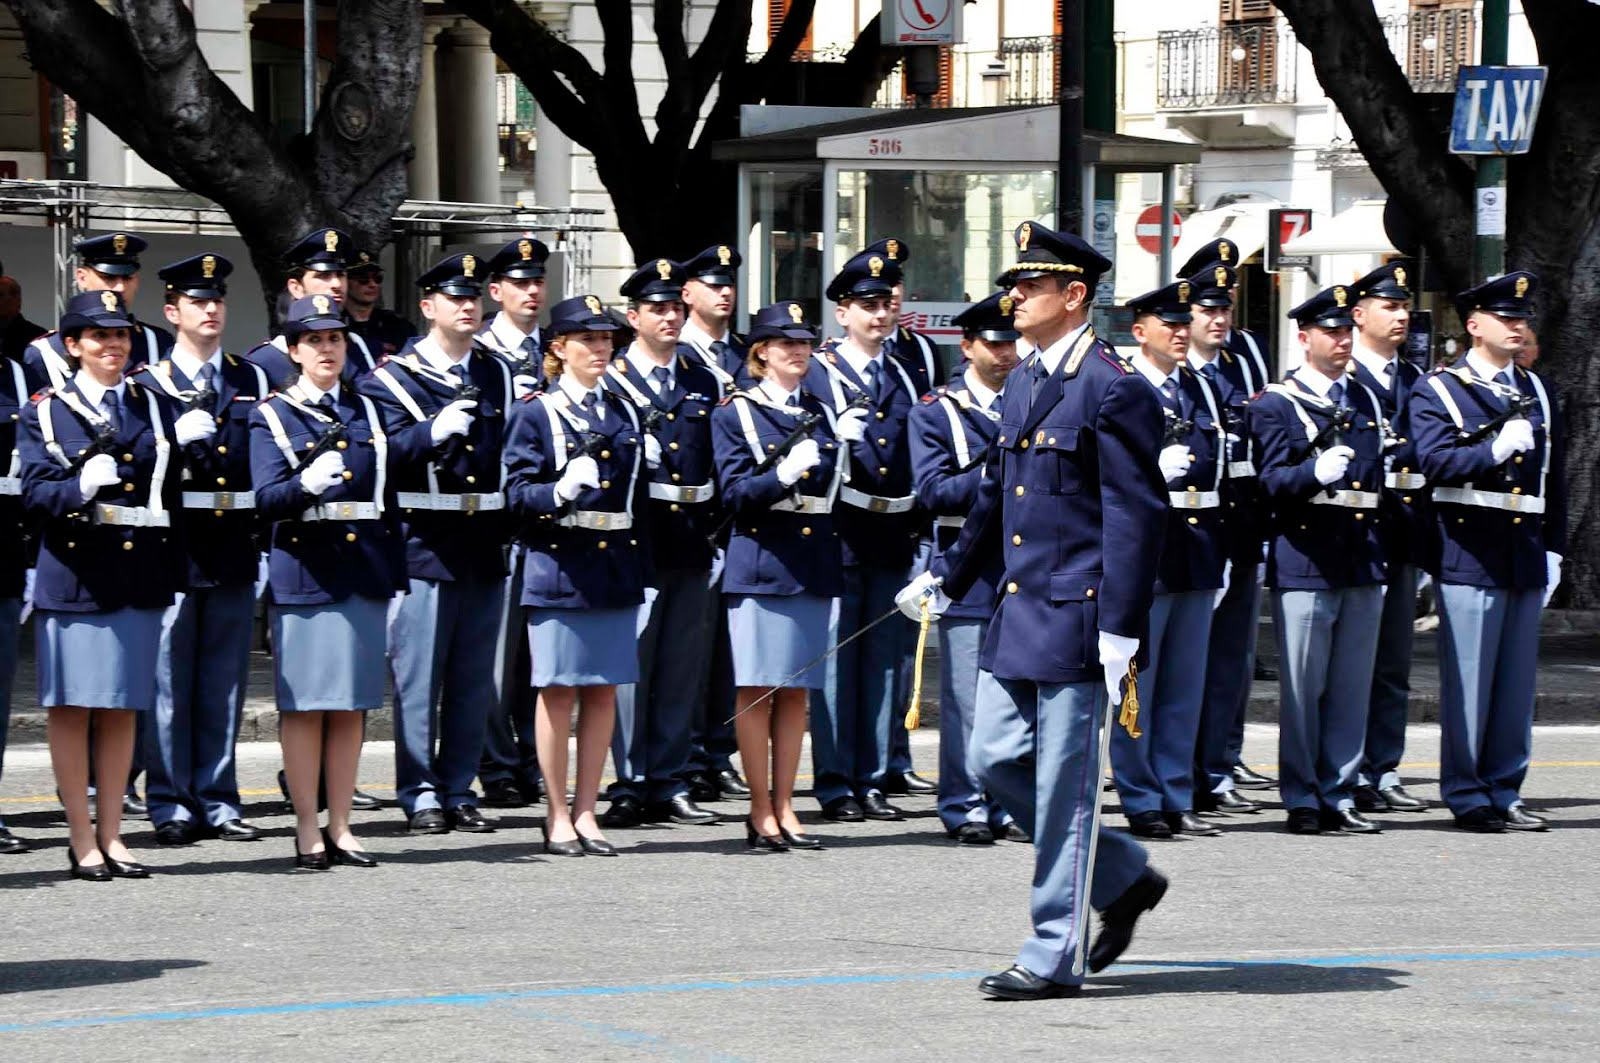 La polizia celebra il 161 anniversario irpinia24 for Questura di polizia